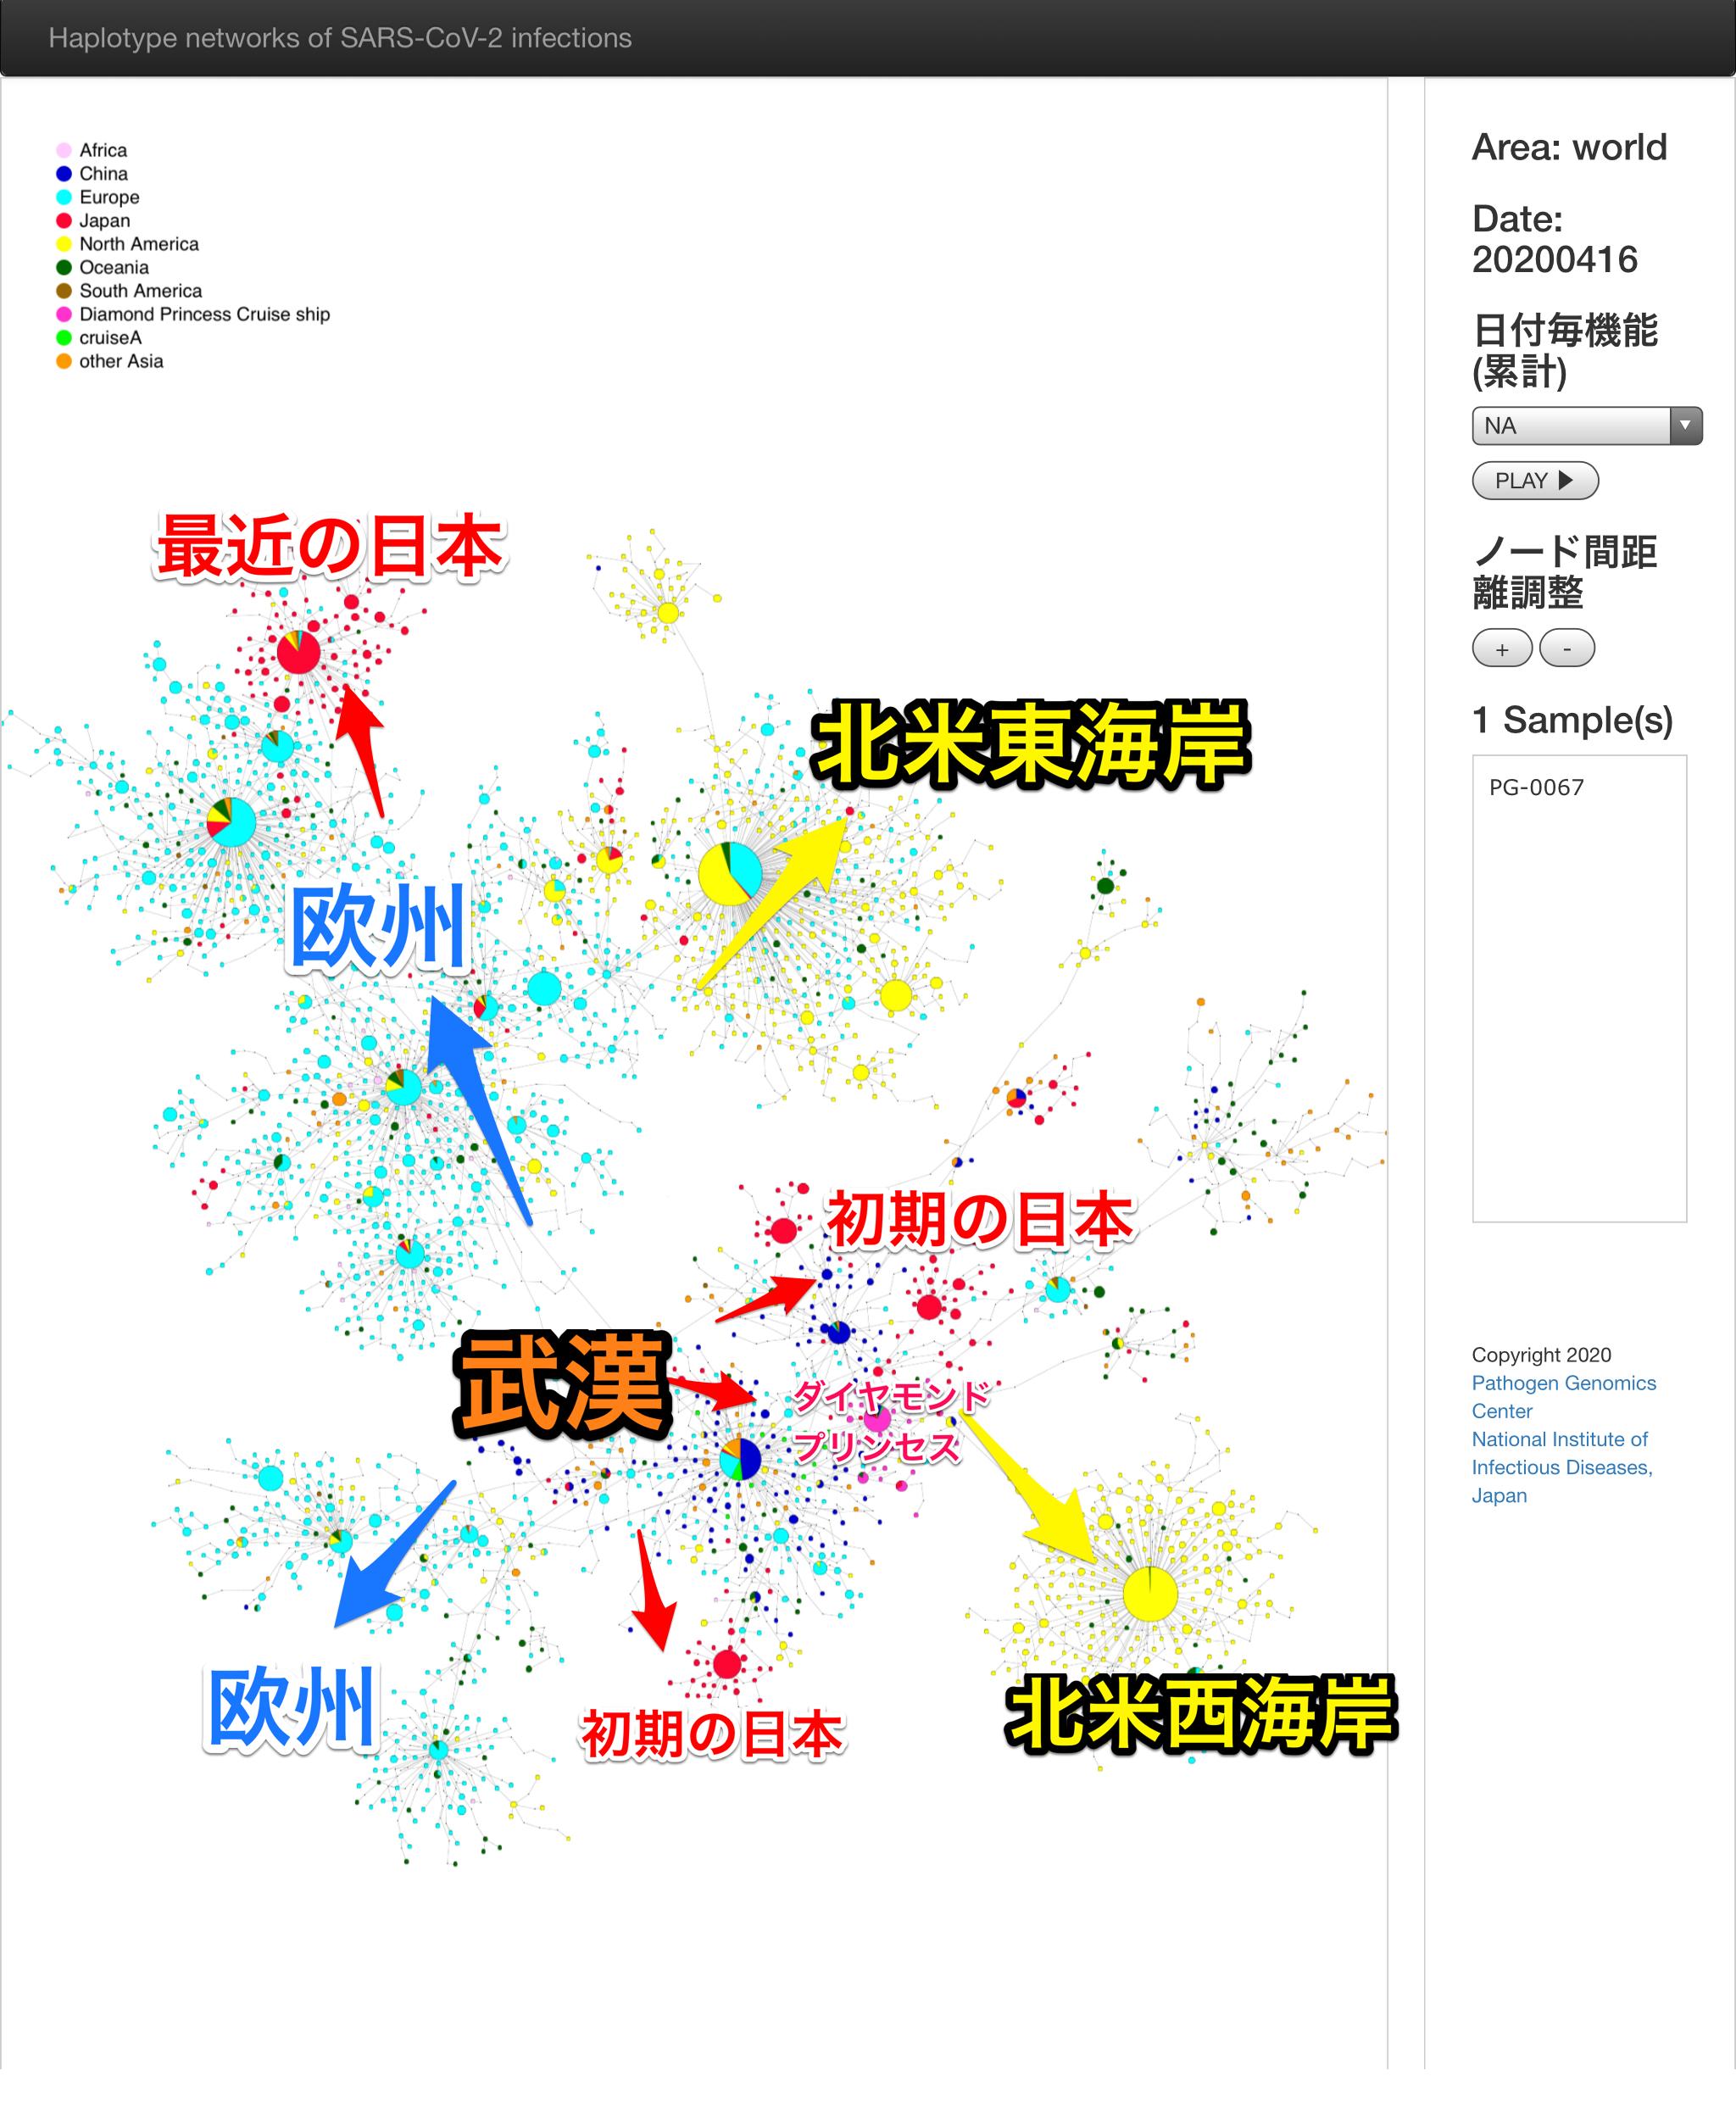 が うつる 漢字 病気